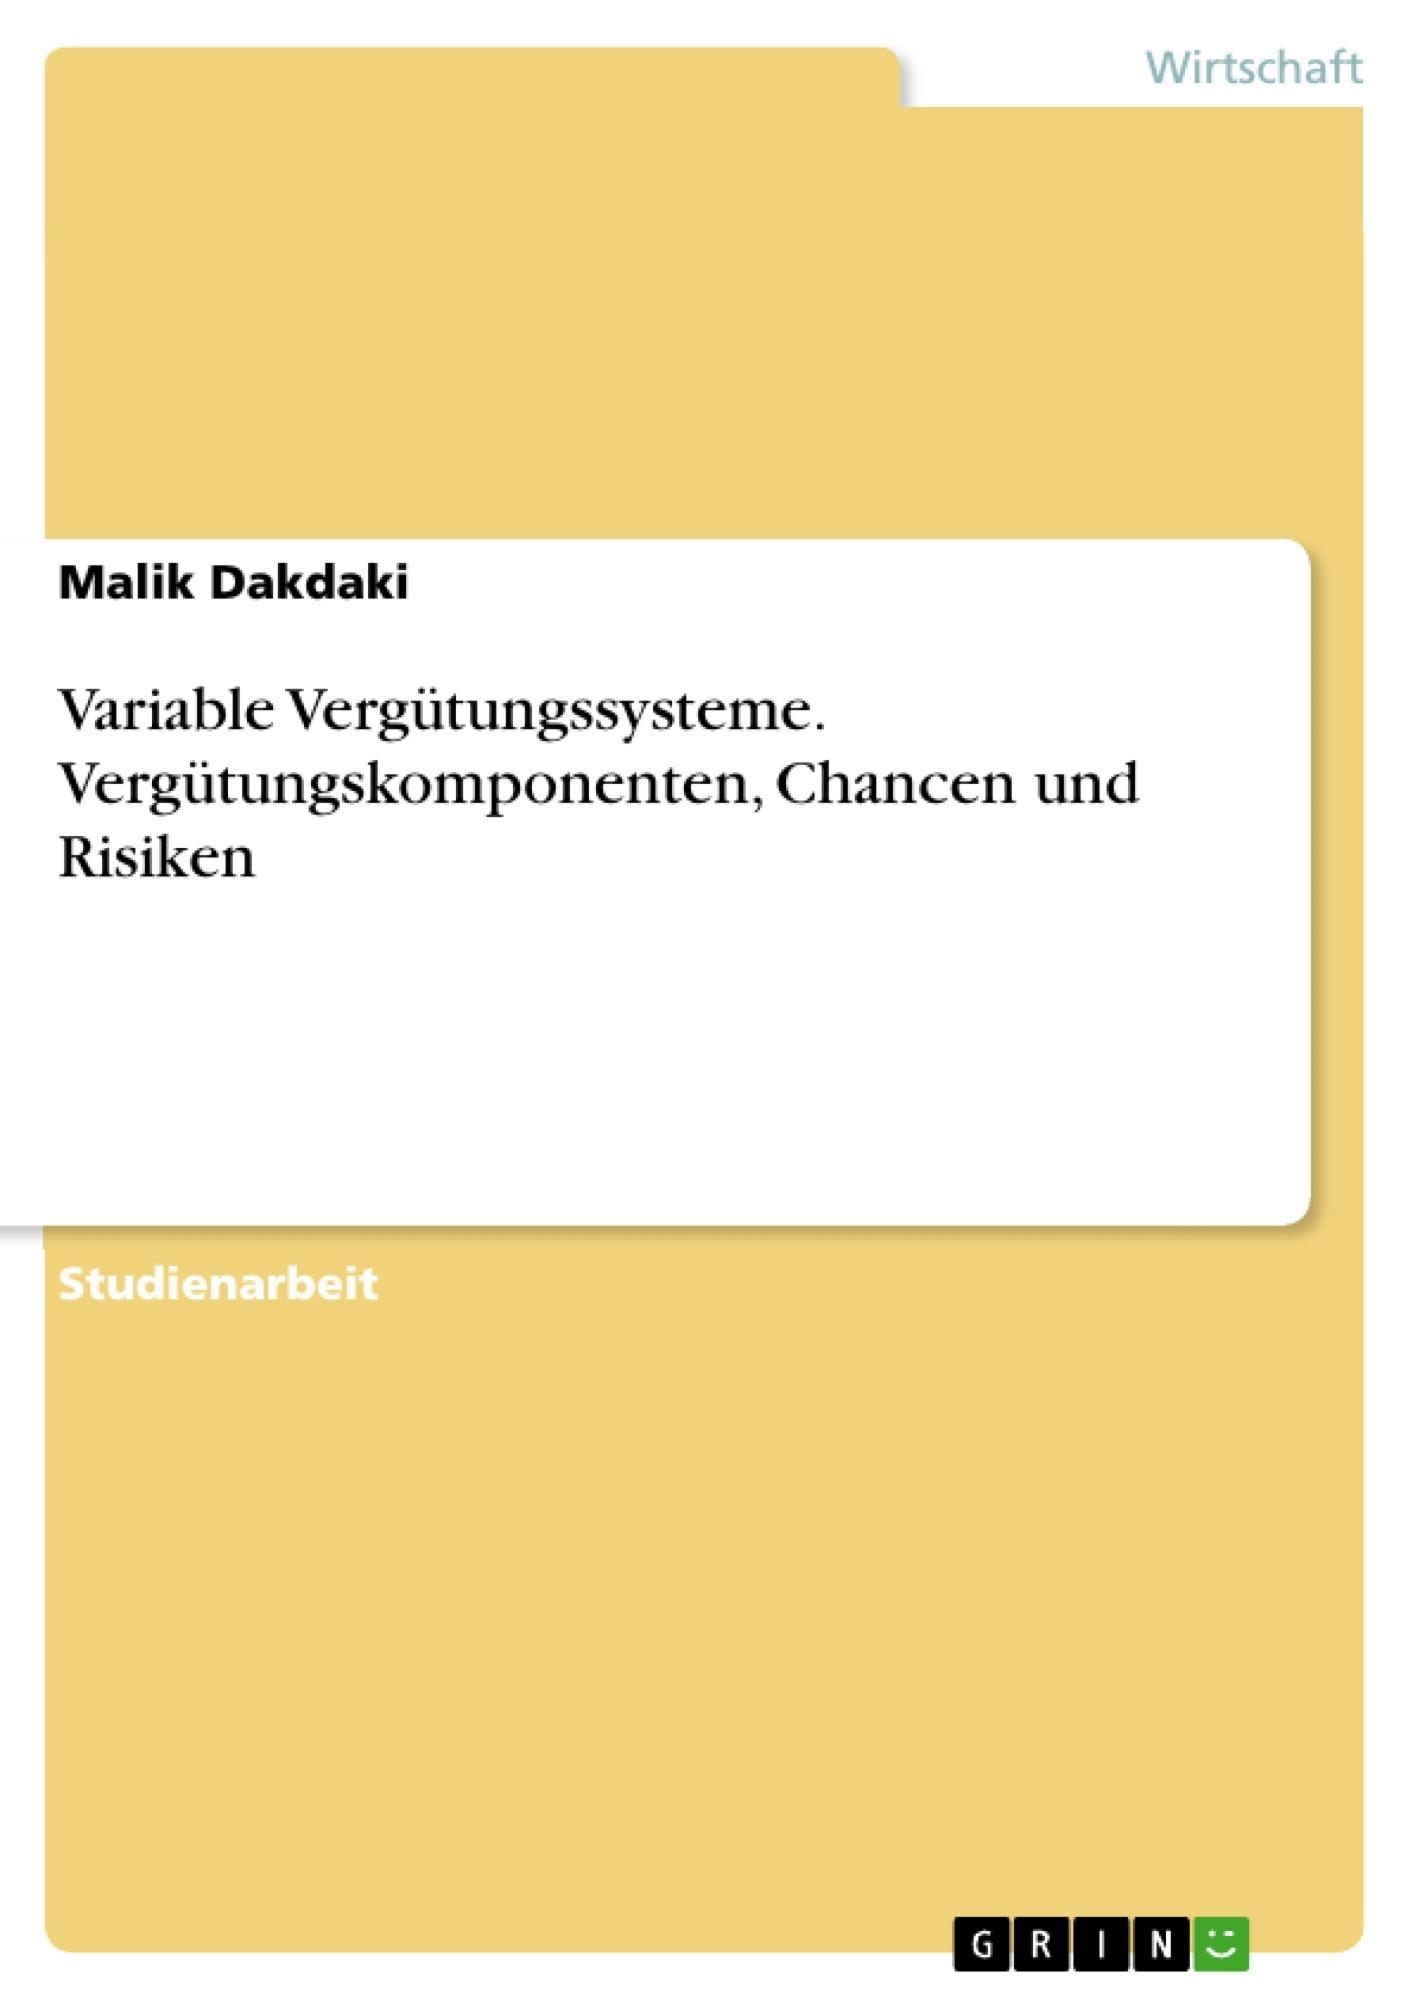 Titel: Variable Vergütungssysteme. Vergütungskomponenten, Chancen und Risiken